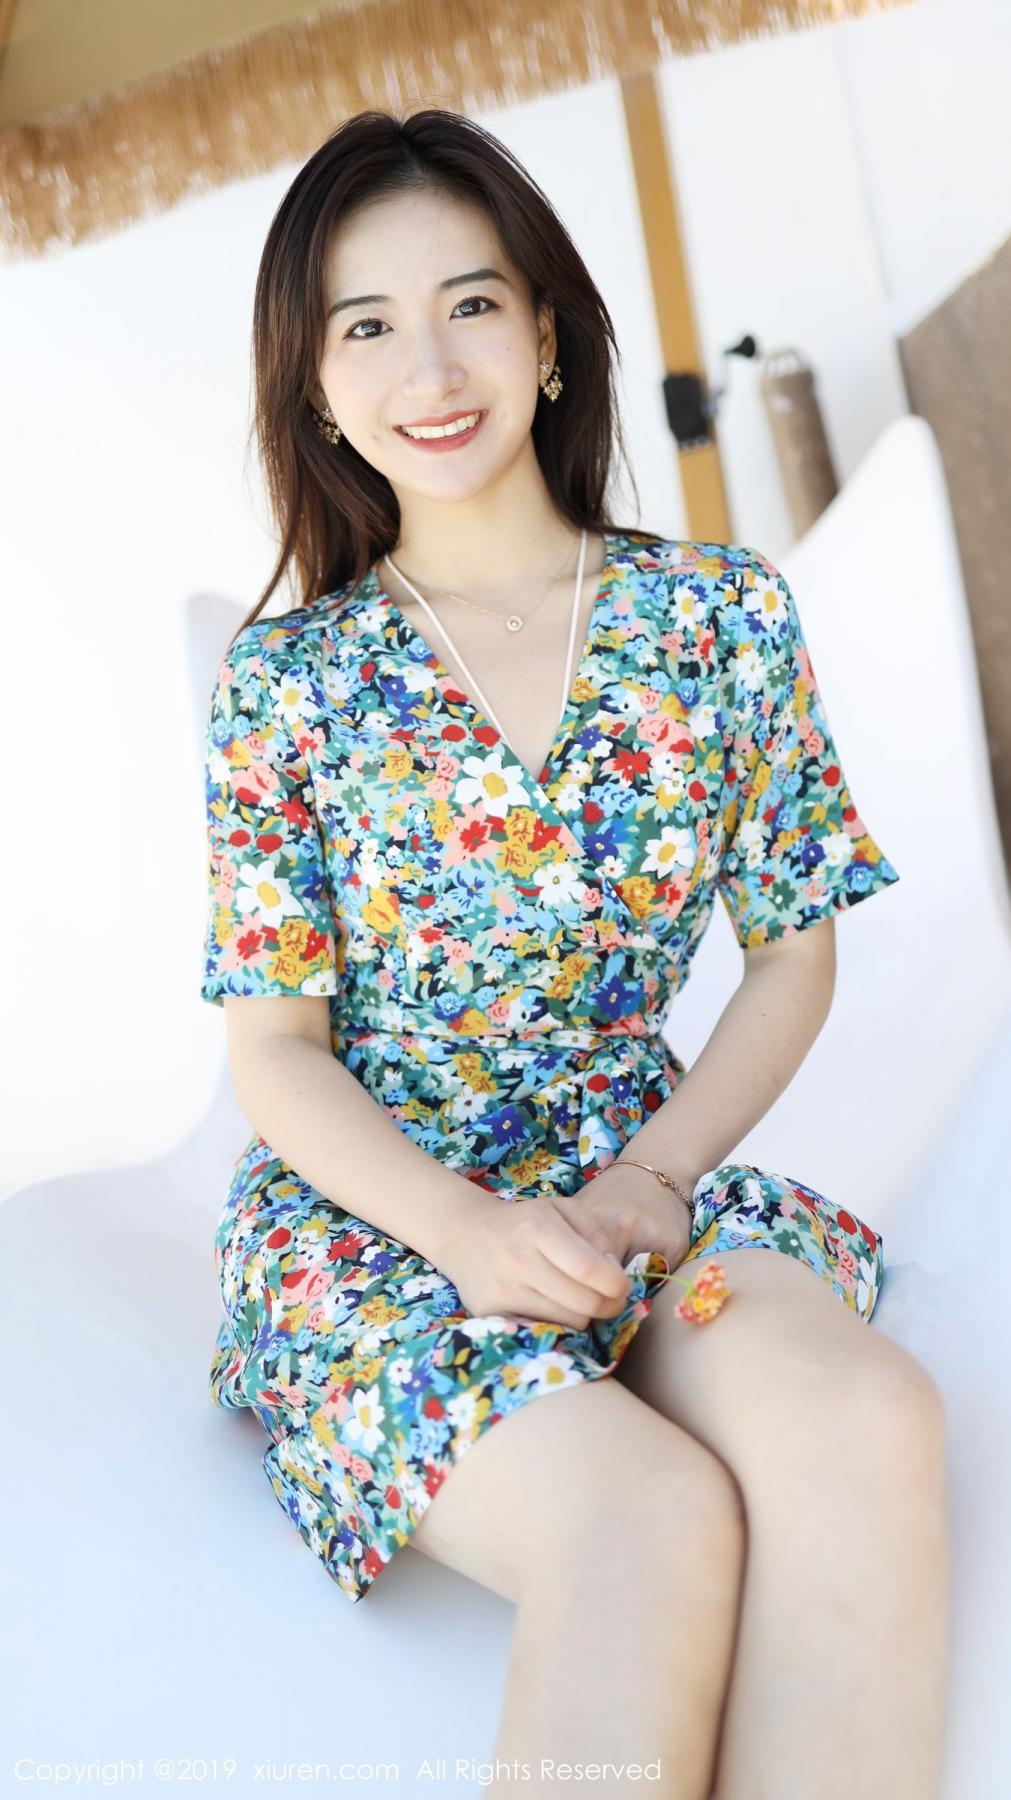 [XiuRen] Vol.1641 Gong Tian Yi 50P, Gong Tian Yi, Pretty, Temperament, Xiuren